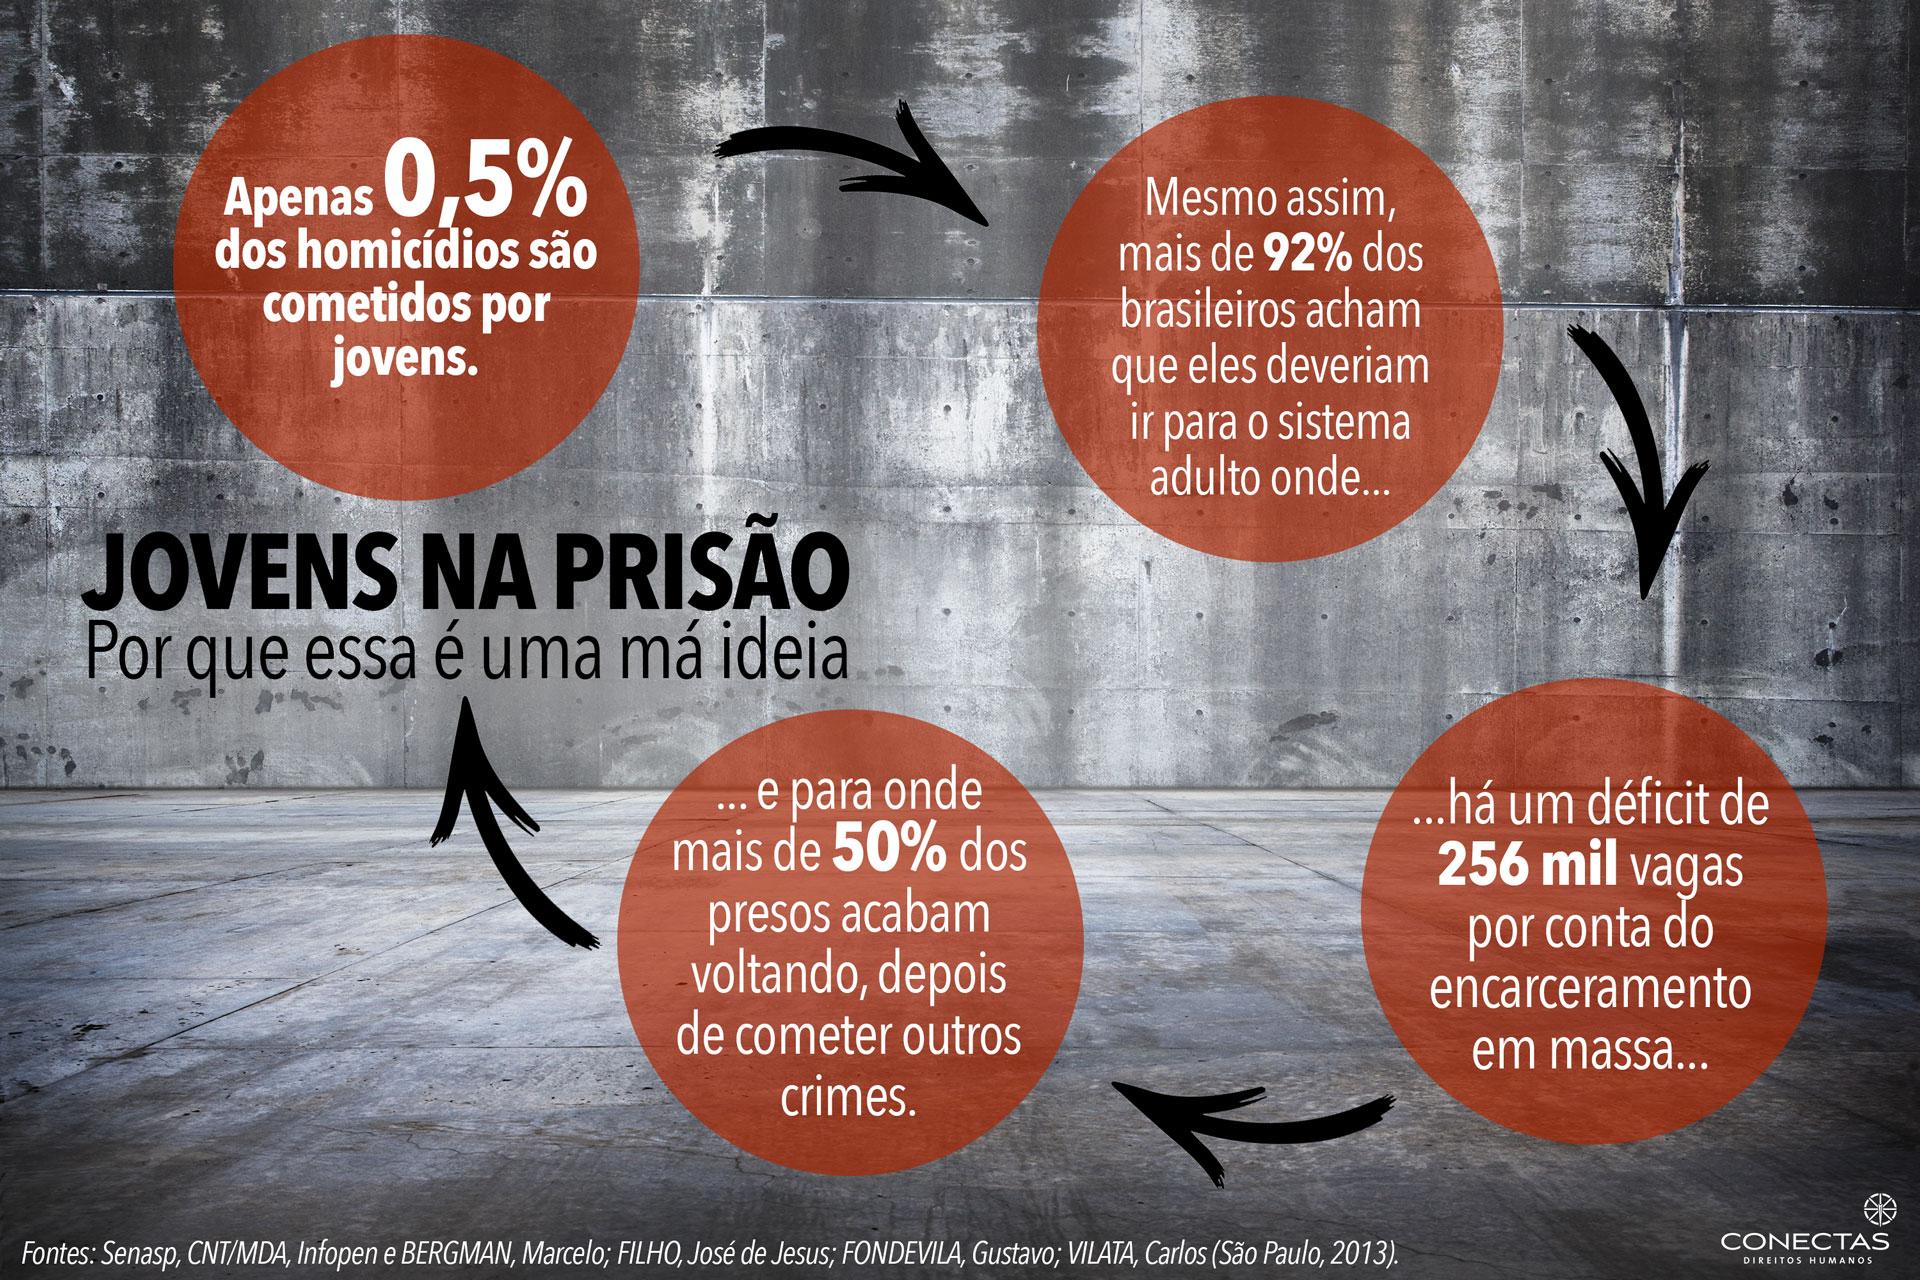 Redução da Maioridade Penal: Unesco se posiciona contrária à proposta no Brasil